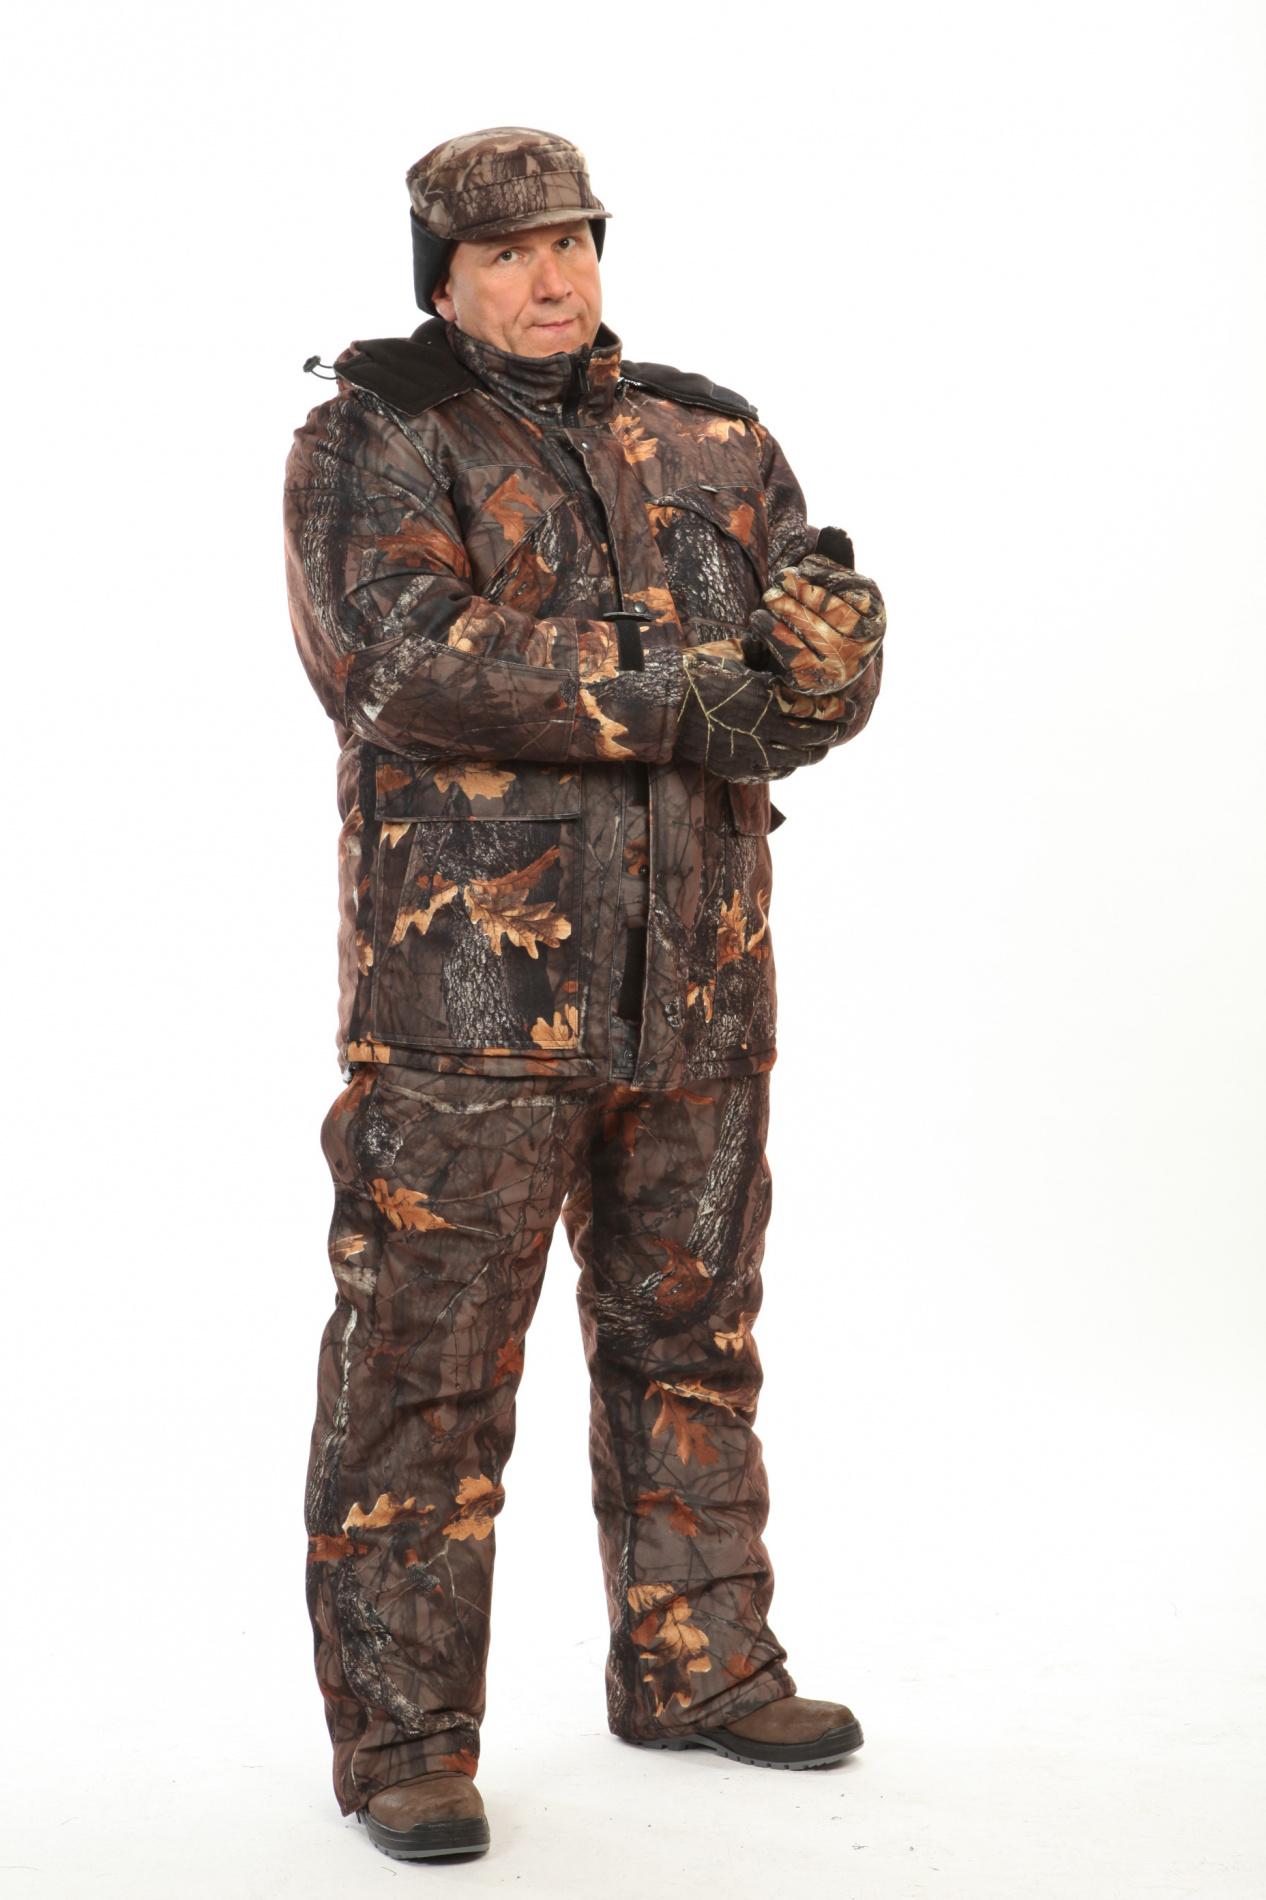 Костюм мужской Охотник зимний кмф смесовая Костюмы утепленные<br>Камуфлированный универсальный костюм <br>для охоты, рыбалки и активного отдыха при <br>низких температурах. Не шуршит. Состоит <br>из удлинненной куртки с капюшоном и полукомбинезона. <br>Куртка: • Отстегивающийся и регулируемый <br>капюшон. • Центральная застежка на молнии <br>с ветрозащитной планкой на контактной ленте. <br>• Боковые и нагрудные накладные карманы <br>с клапанами на контактной ленте. • Ветрозащитная <br>юбка на резинке по л. талии • Регуляторы <br>манжет рукавов на контактной ленте • Подкладочная <br>ткань на спинке, воротнике и капюшоне - флис <br>Полукомбинезон: • Закрывает грудь и спину. <br>• Застежка центральная на молнии. • Боковые <br>и нагрудный карманы. • Бретели регулируемые <br>с эластичной лентой. • Талия регулируется <br>эластичной лентой • Задняя часть на молнии <br>и контактной ленте, полностью отстегивающаяся <br>.<br><br>Пол: мужской<br>Сезон: зима<br>Цвет: дубовый лес (фотокамуфляж)<br>Материал: Смесовая (65% полиэфир, 35% хлопок), пл. 210 г/м2,